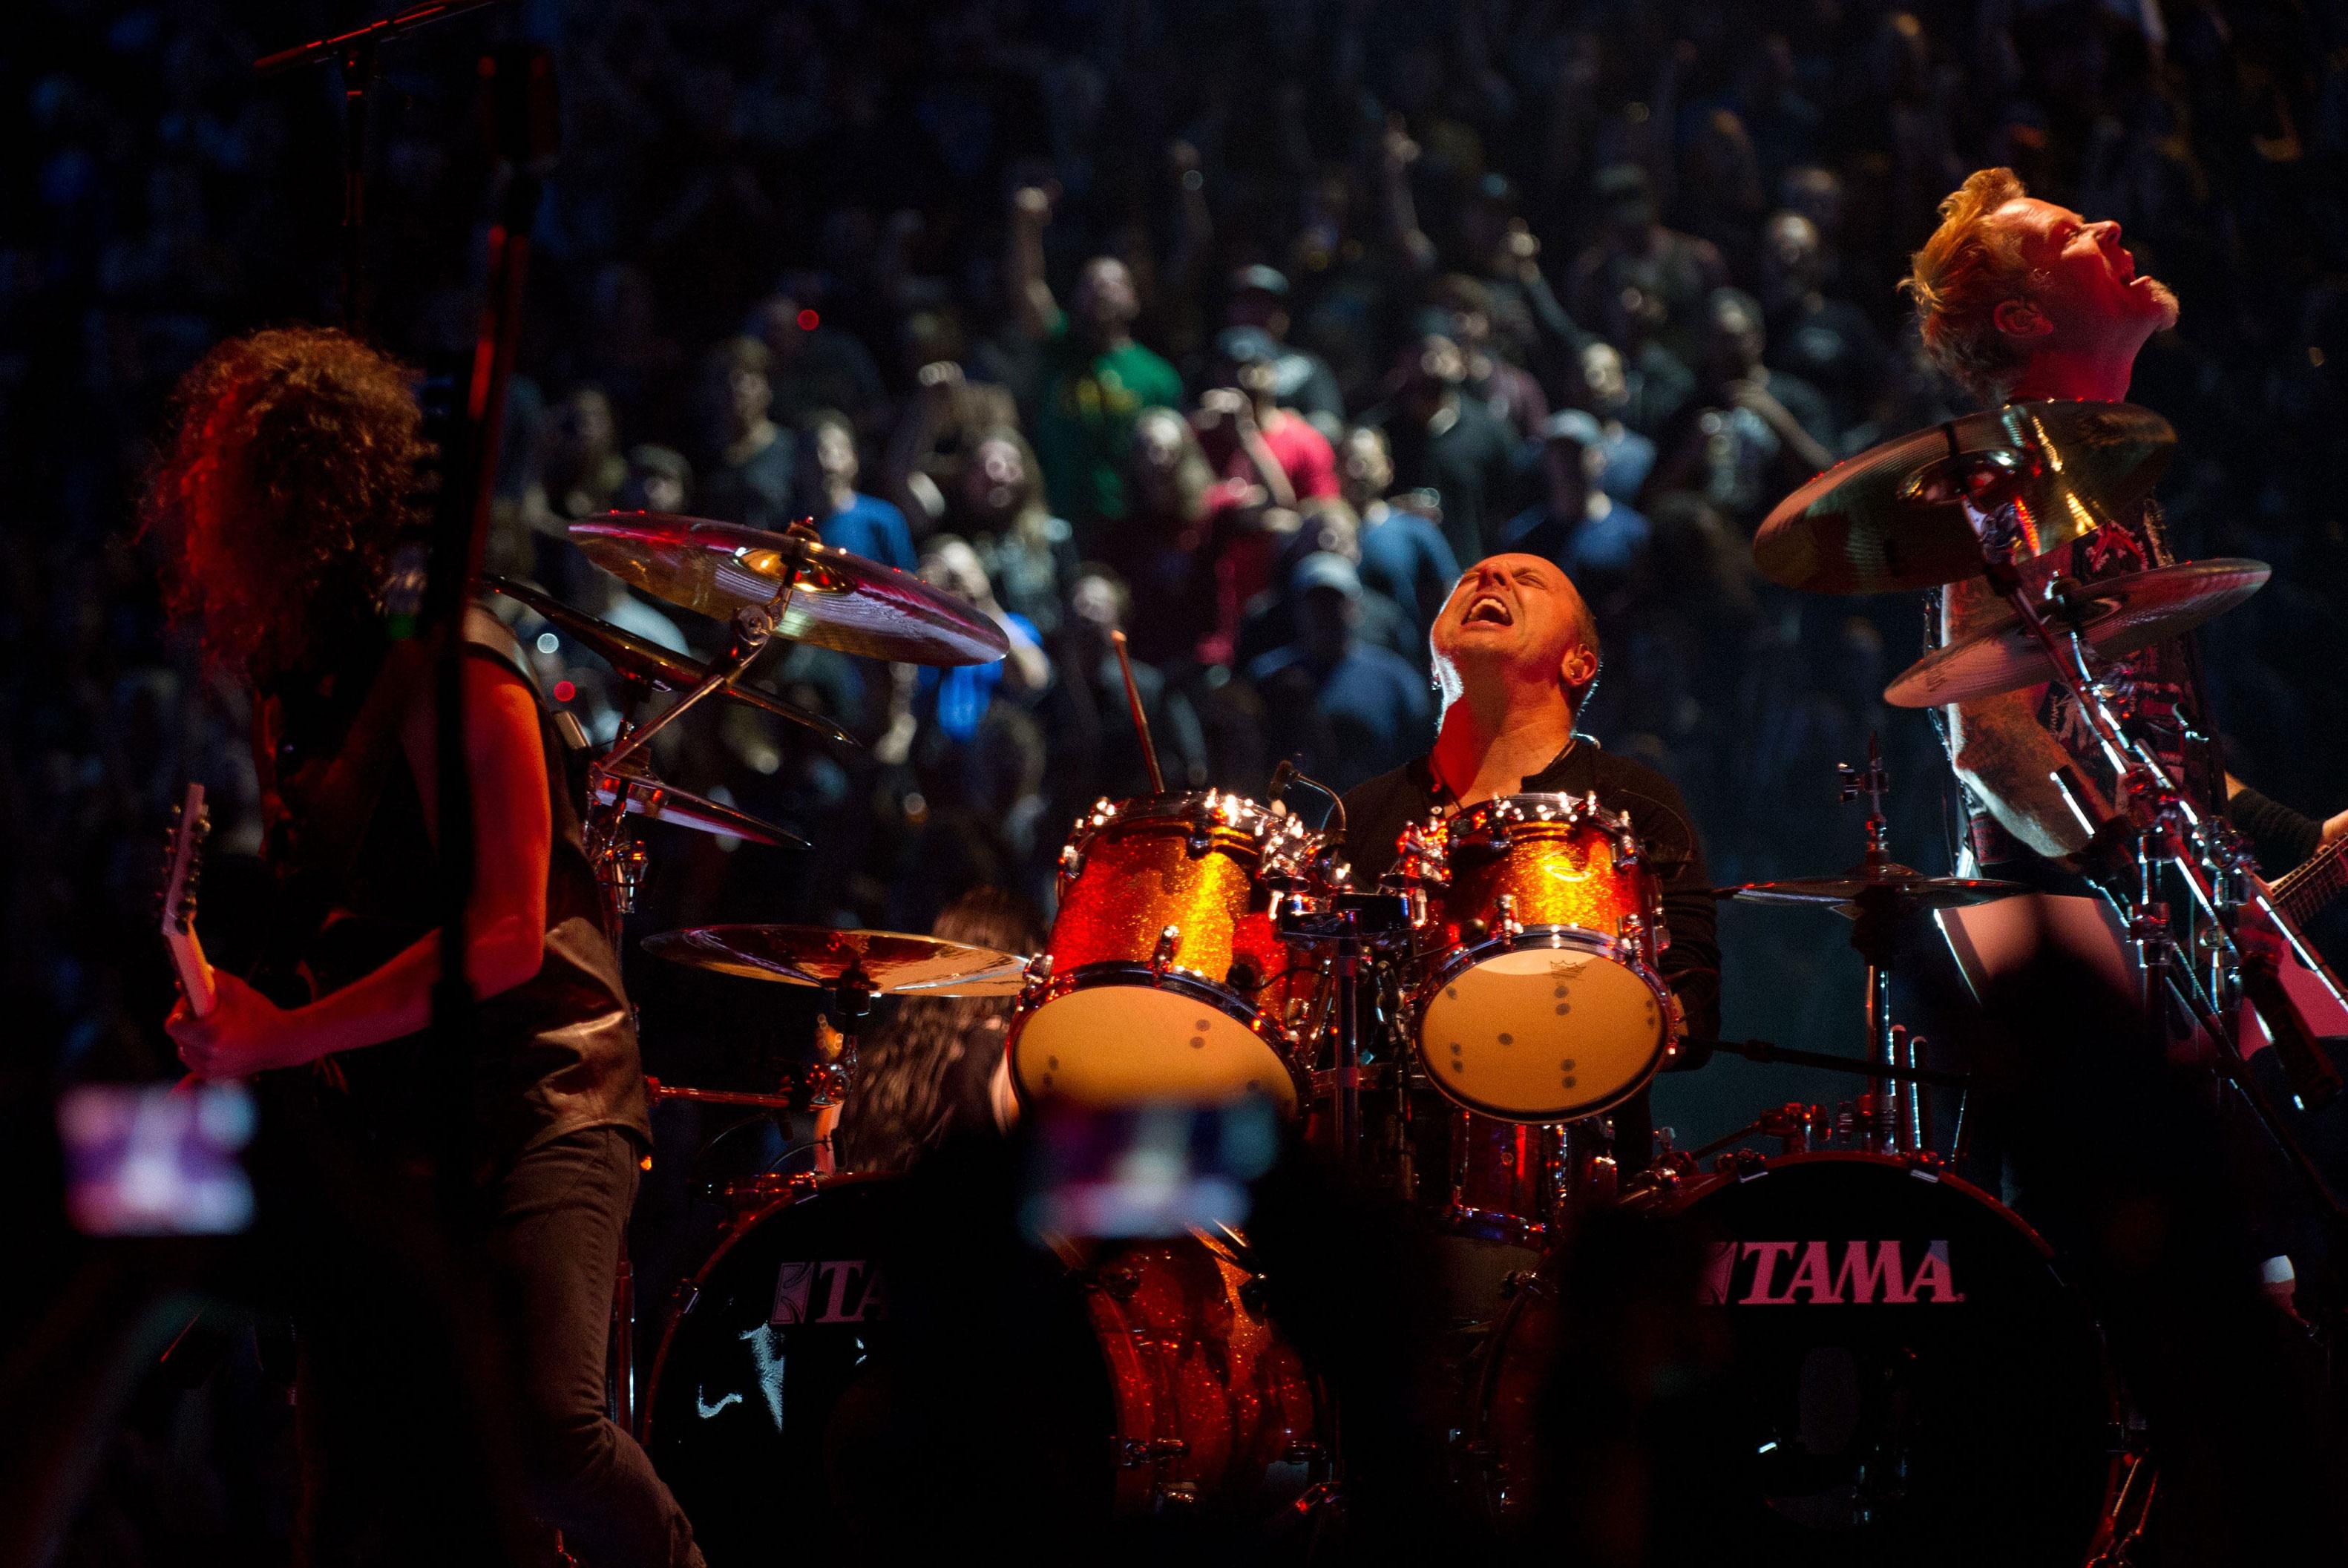 Kirk Hammet, Lars Ulrich y James Hetfield, como los espectadores: en pleno éxtasis. Fuente: www.peliculasabout.com